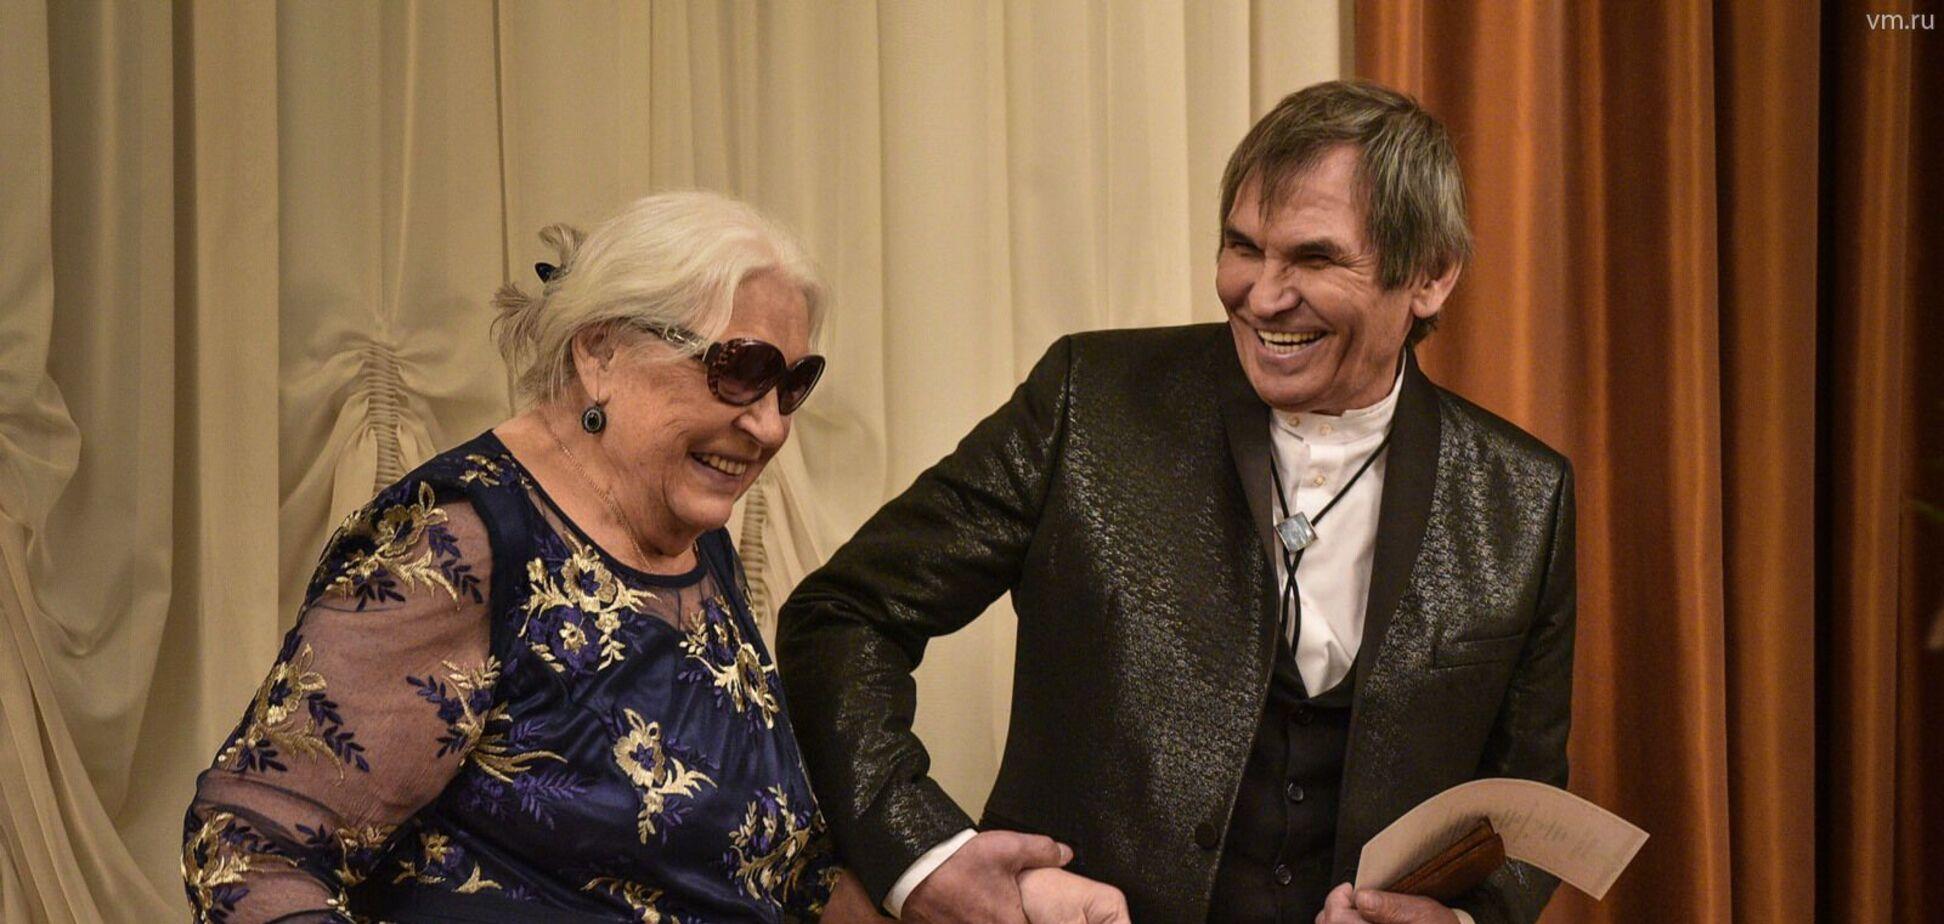 Алібасов і Федосєєва-Шукшина розписалися в листопаді 2018 року